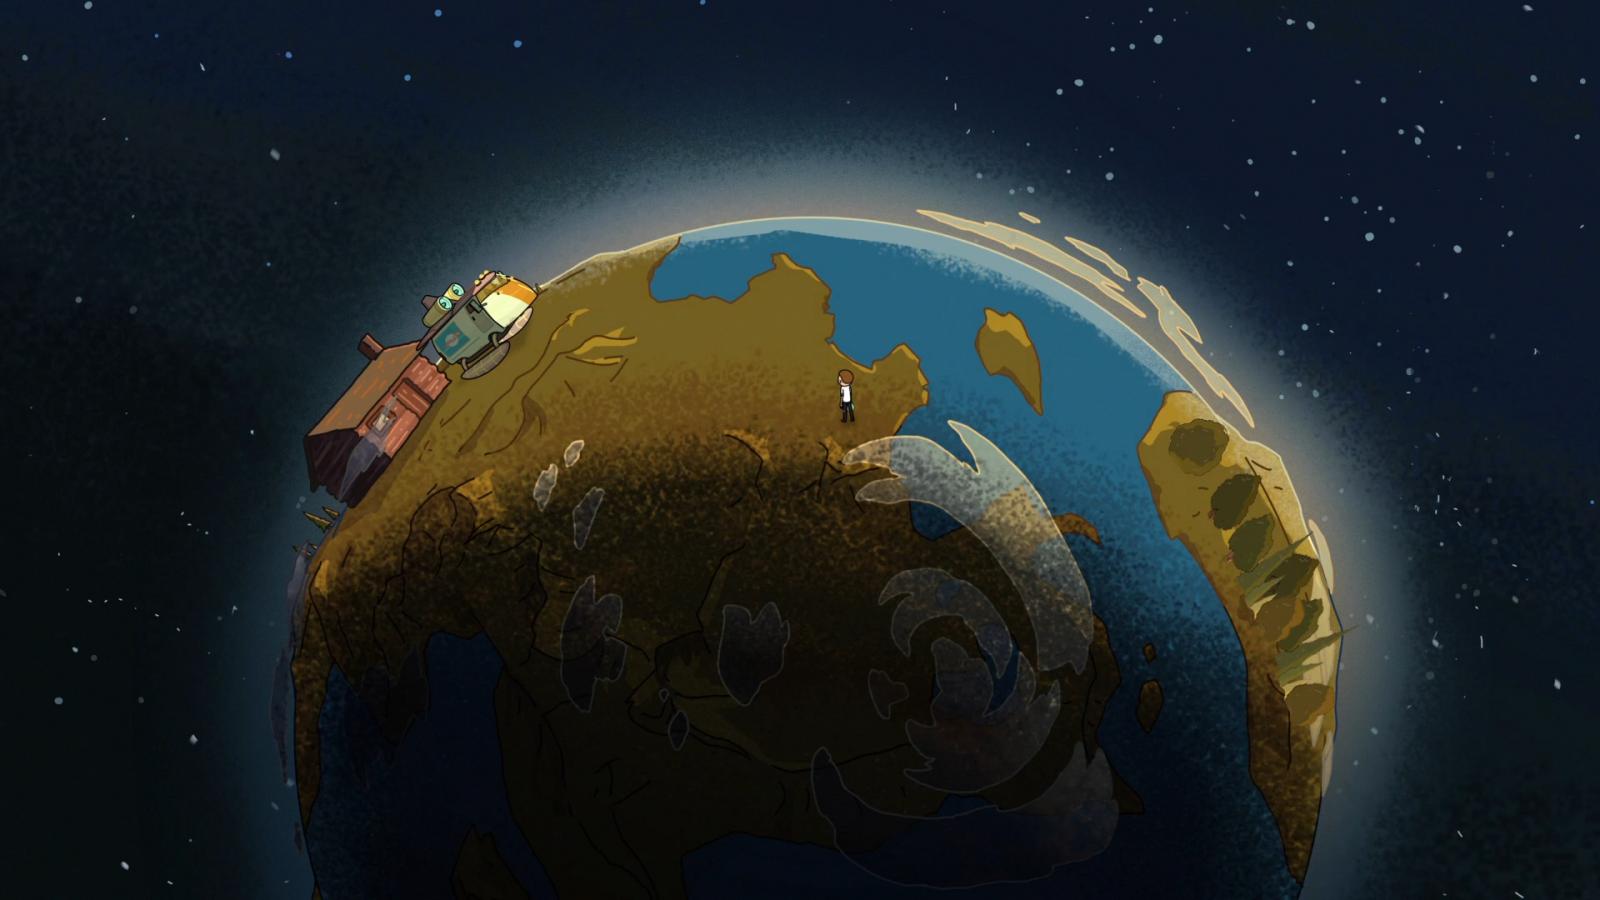 Tapety Ilustrace Planeta Prostor Kreslena Pohadka Atmosfera